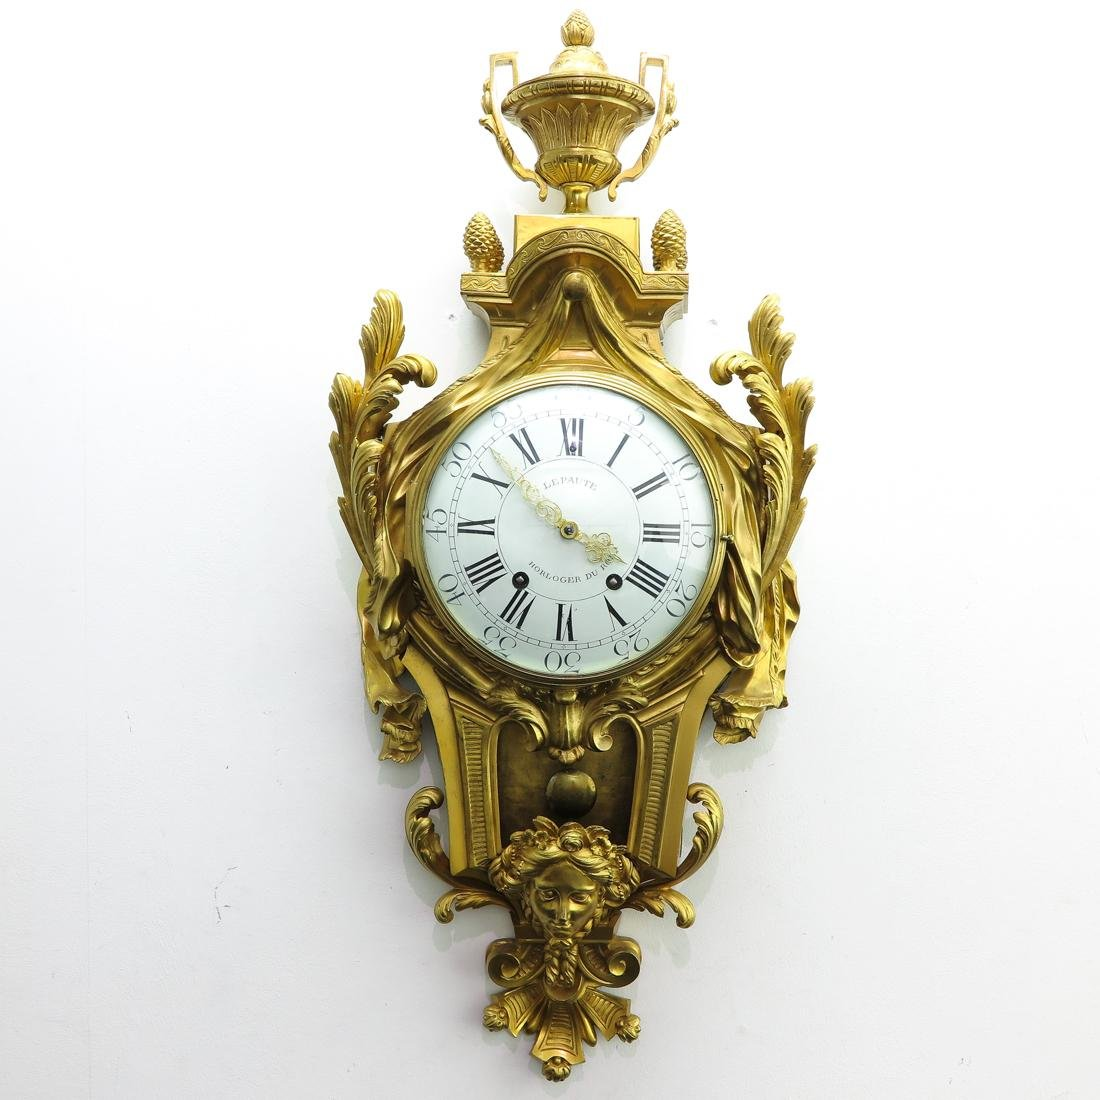 French Cartel Clock Signed Lepaute Horloger du Roi